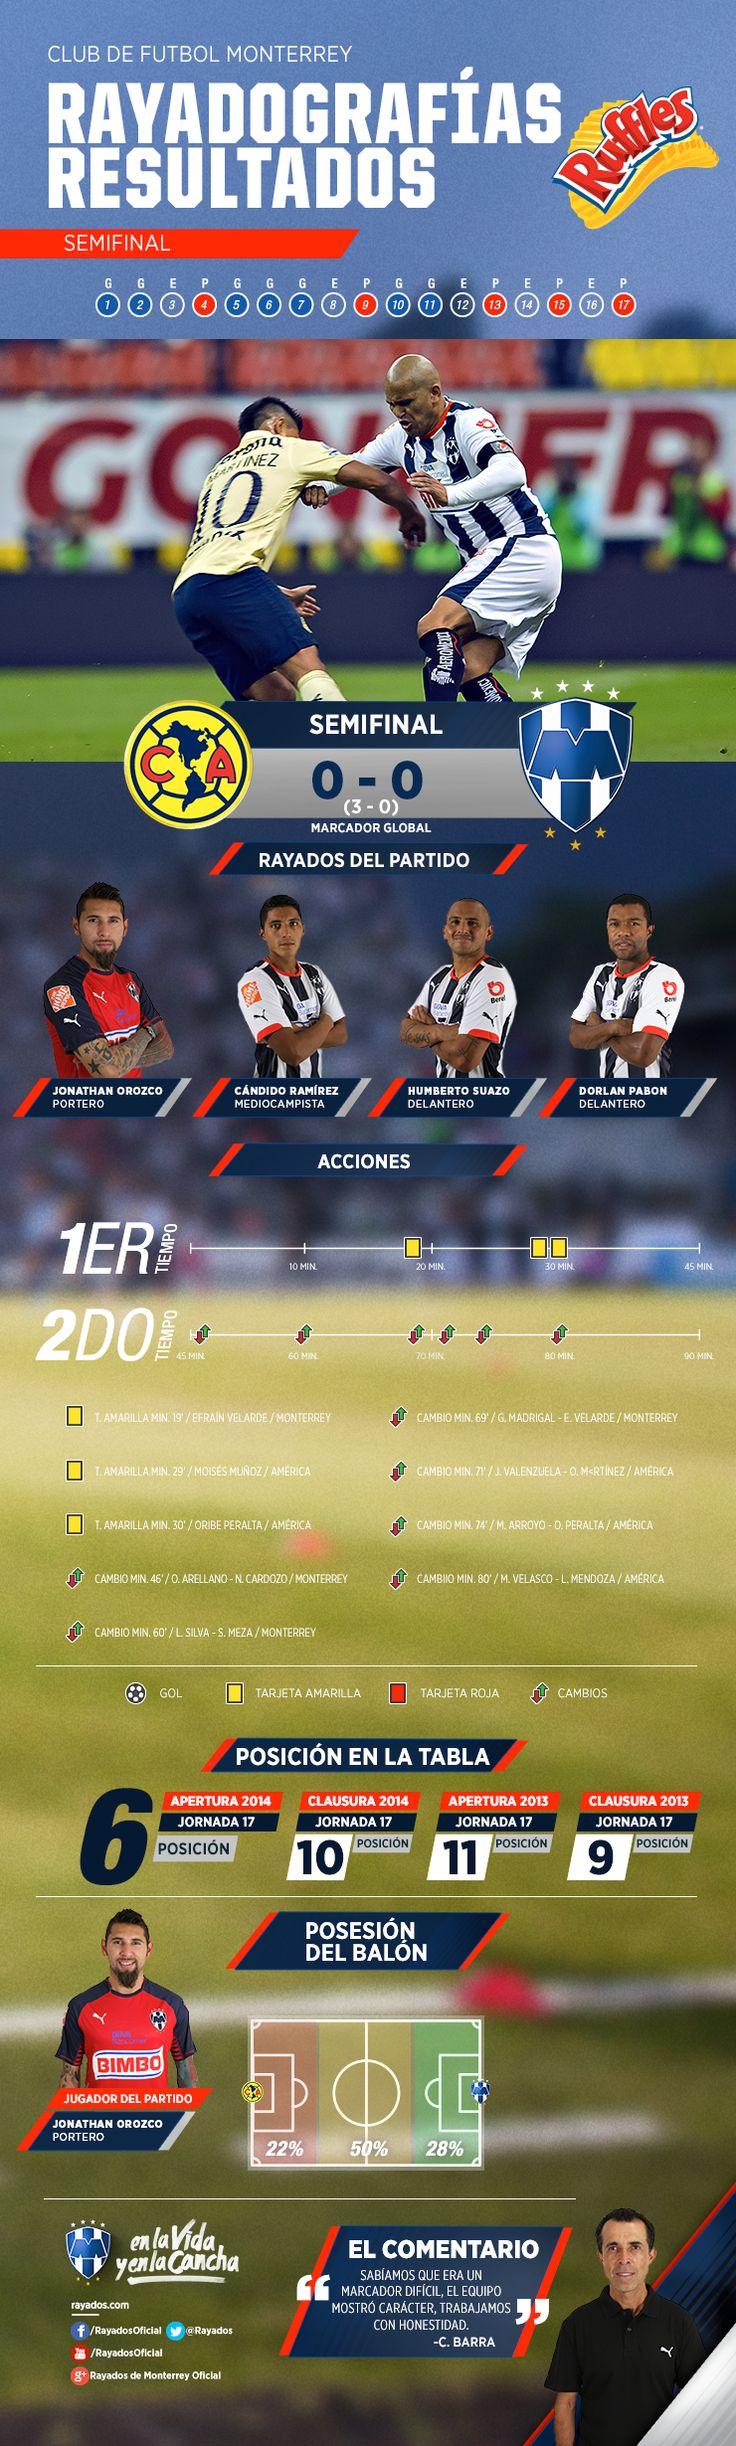 La #Rayadografía post partido Rayados vs. América del partido de Vuelta de semifinales es presentada por Ruffles MX.